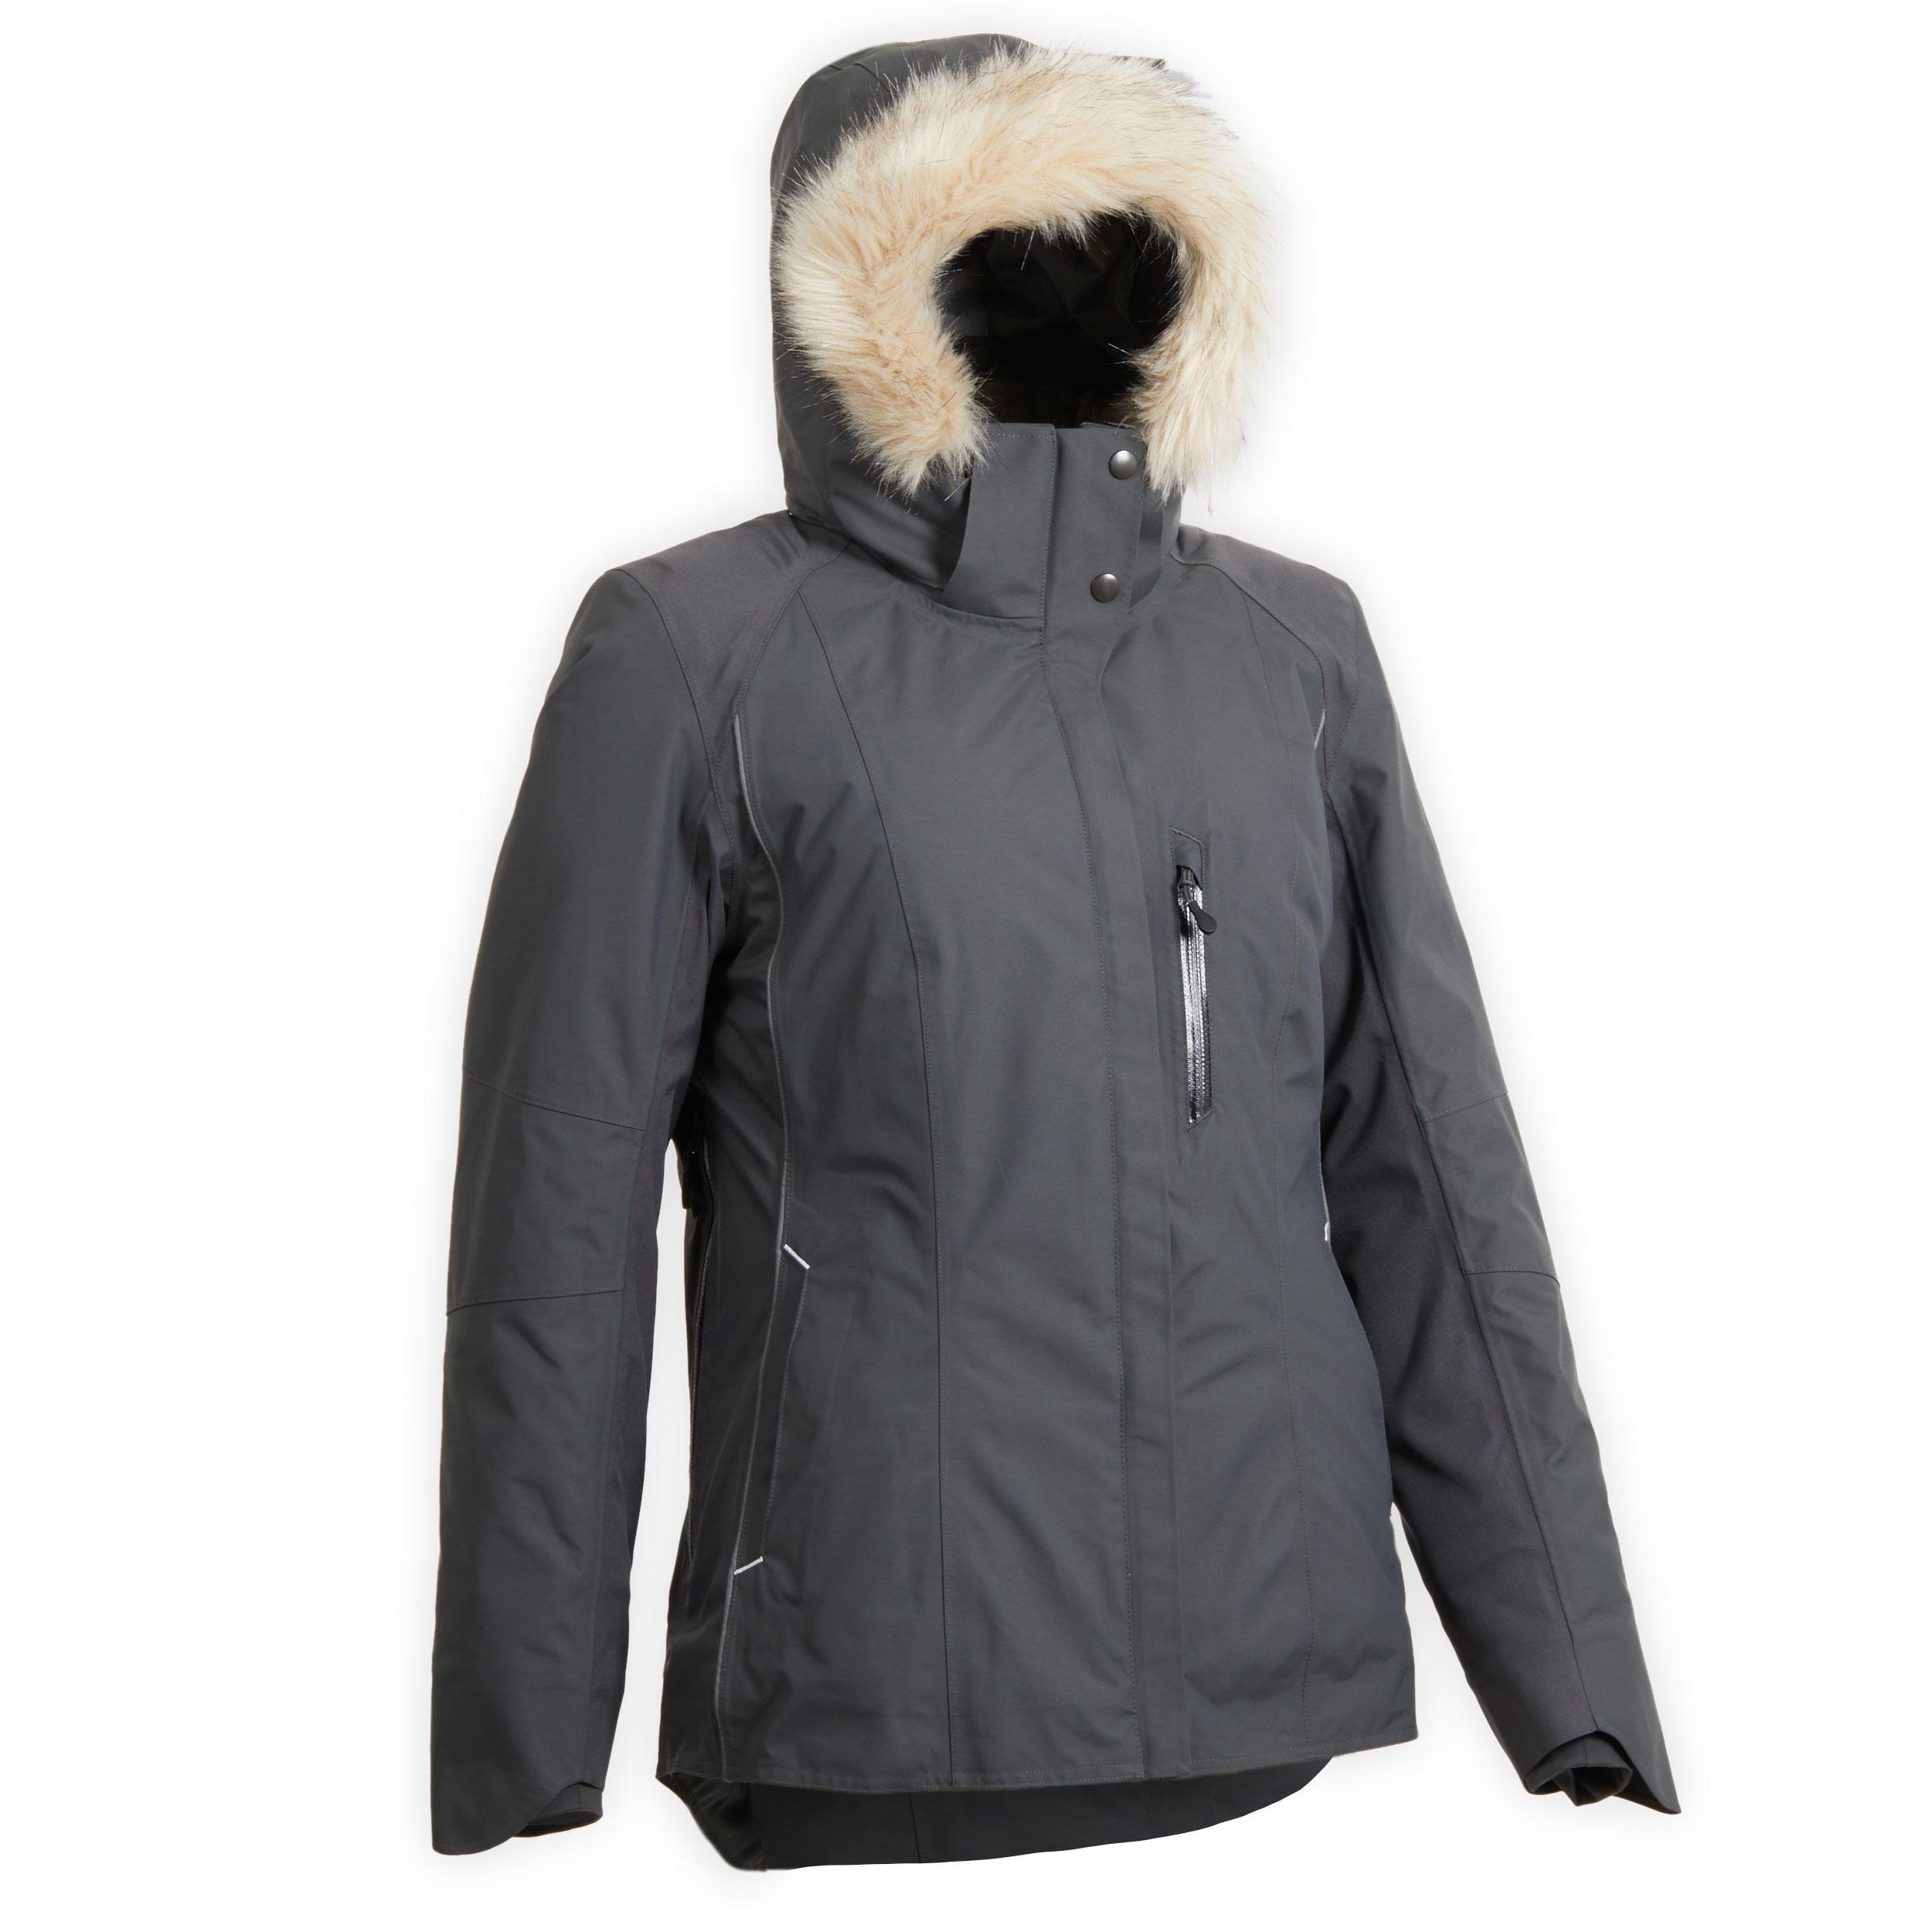 Jachetă 580 WARM gri damă imagine produs